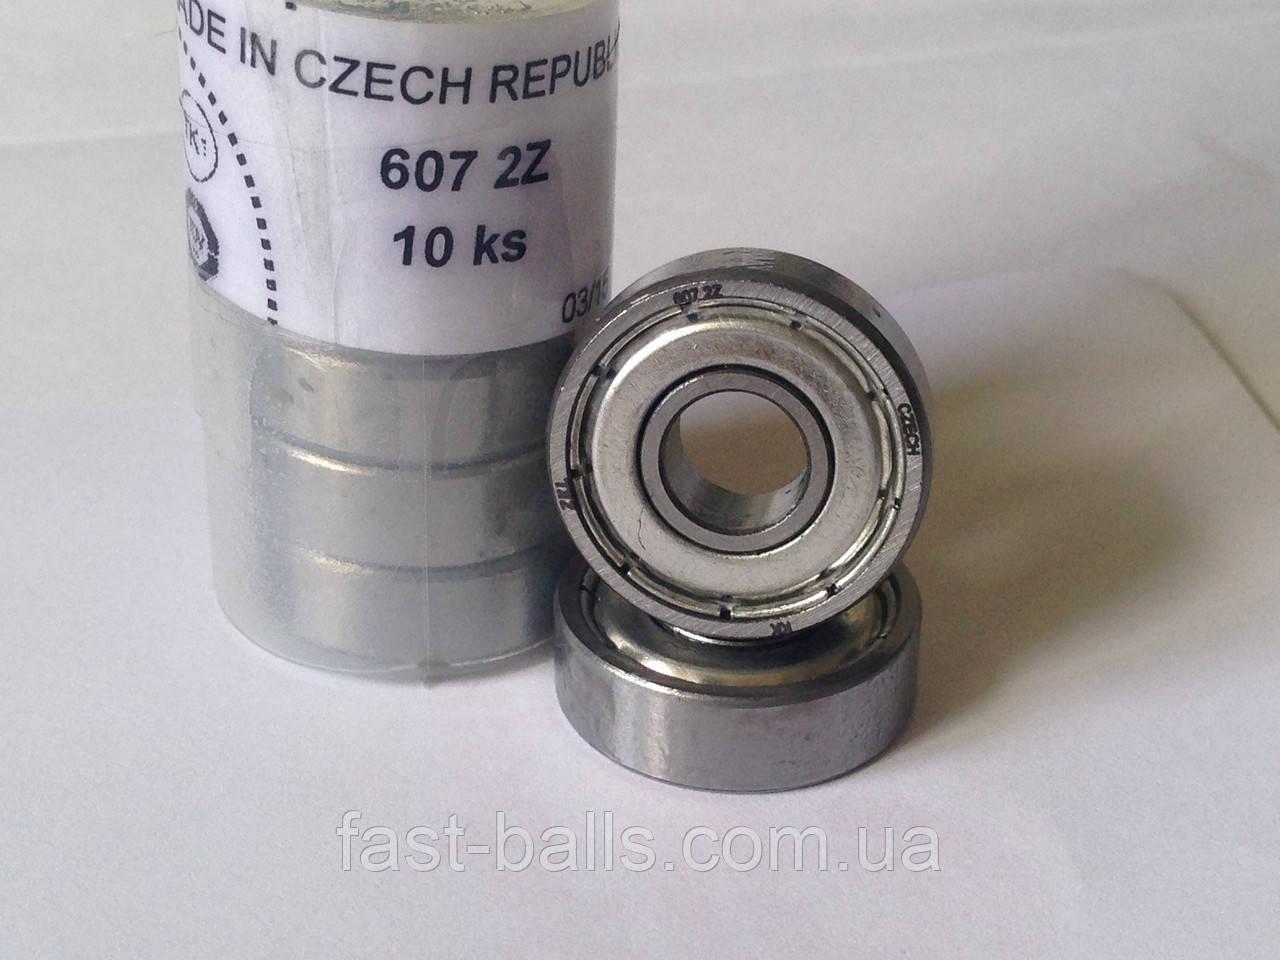 Подшипник ZKL 607 2Z (7x19x6) однорядный